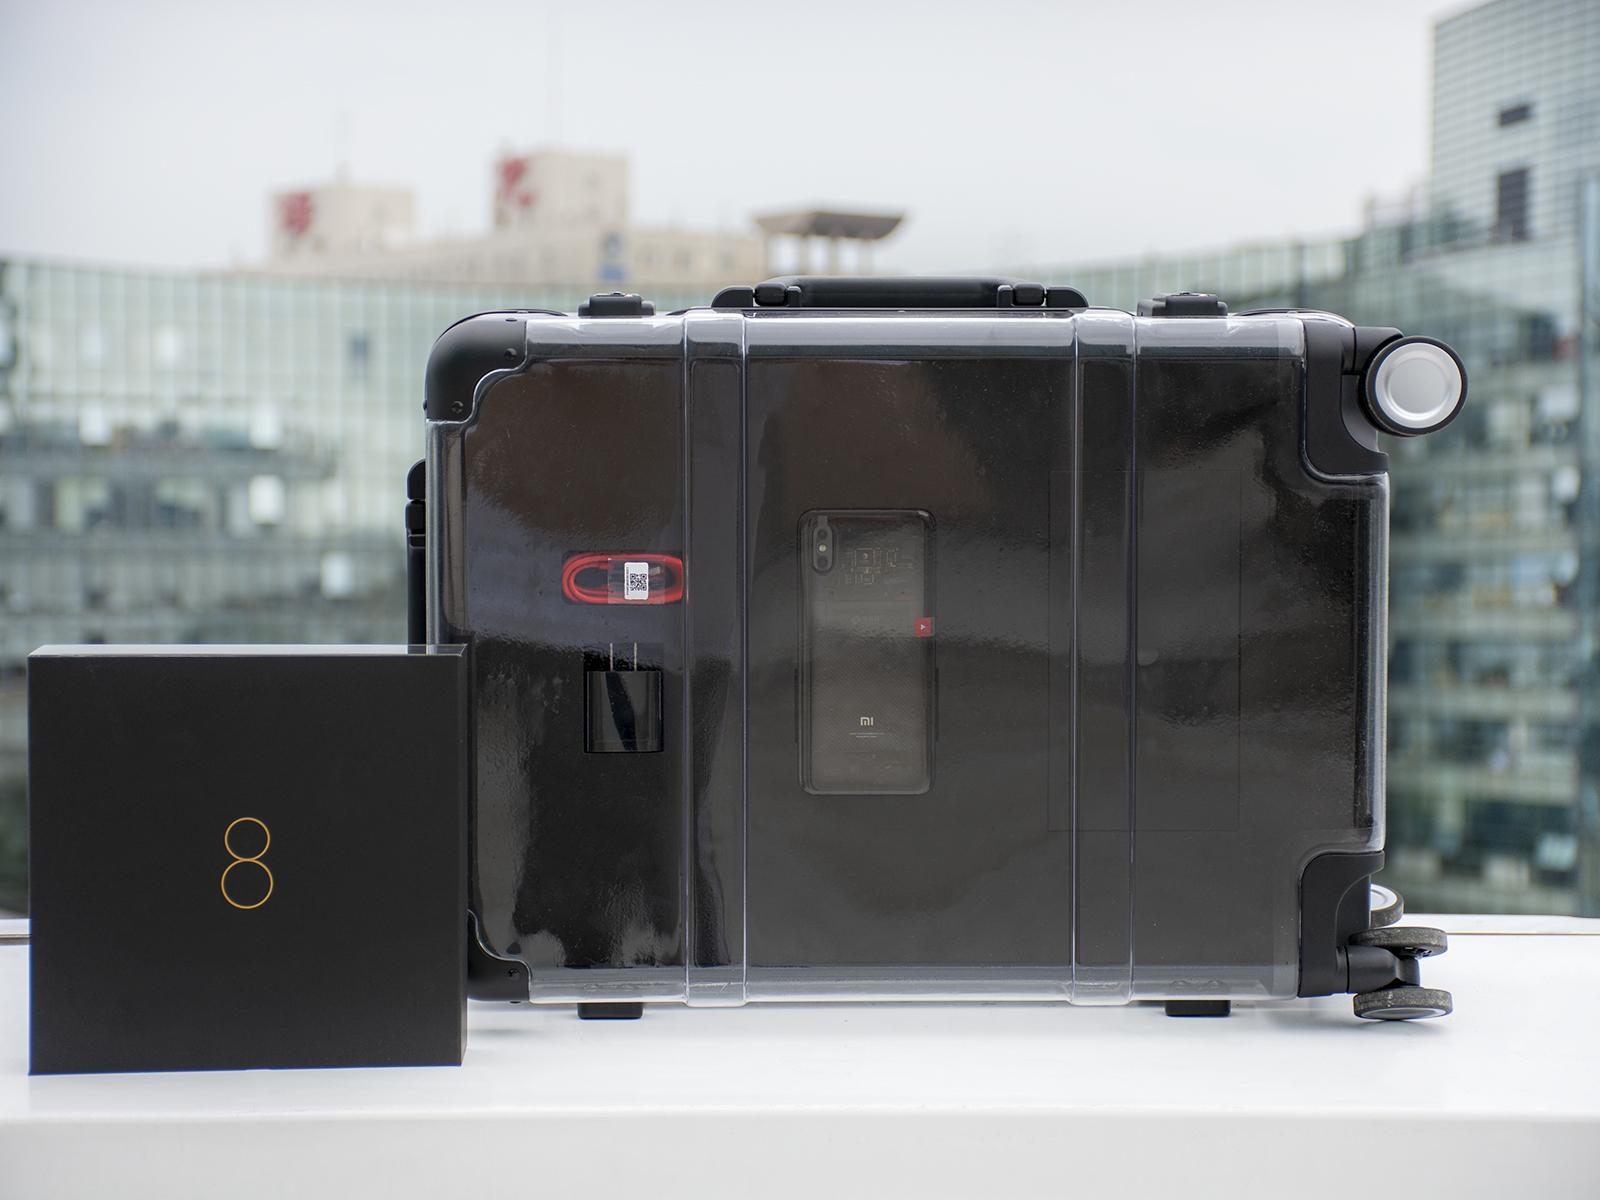 全世界独一份的礼物! 泡泡网定制小米8透明探索版开箱